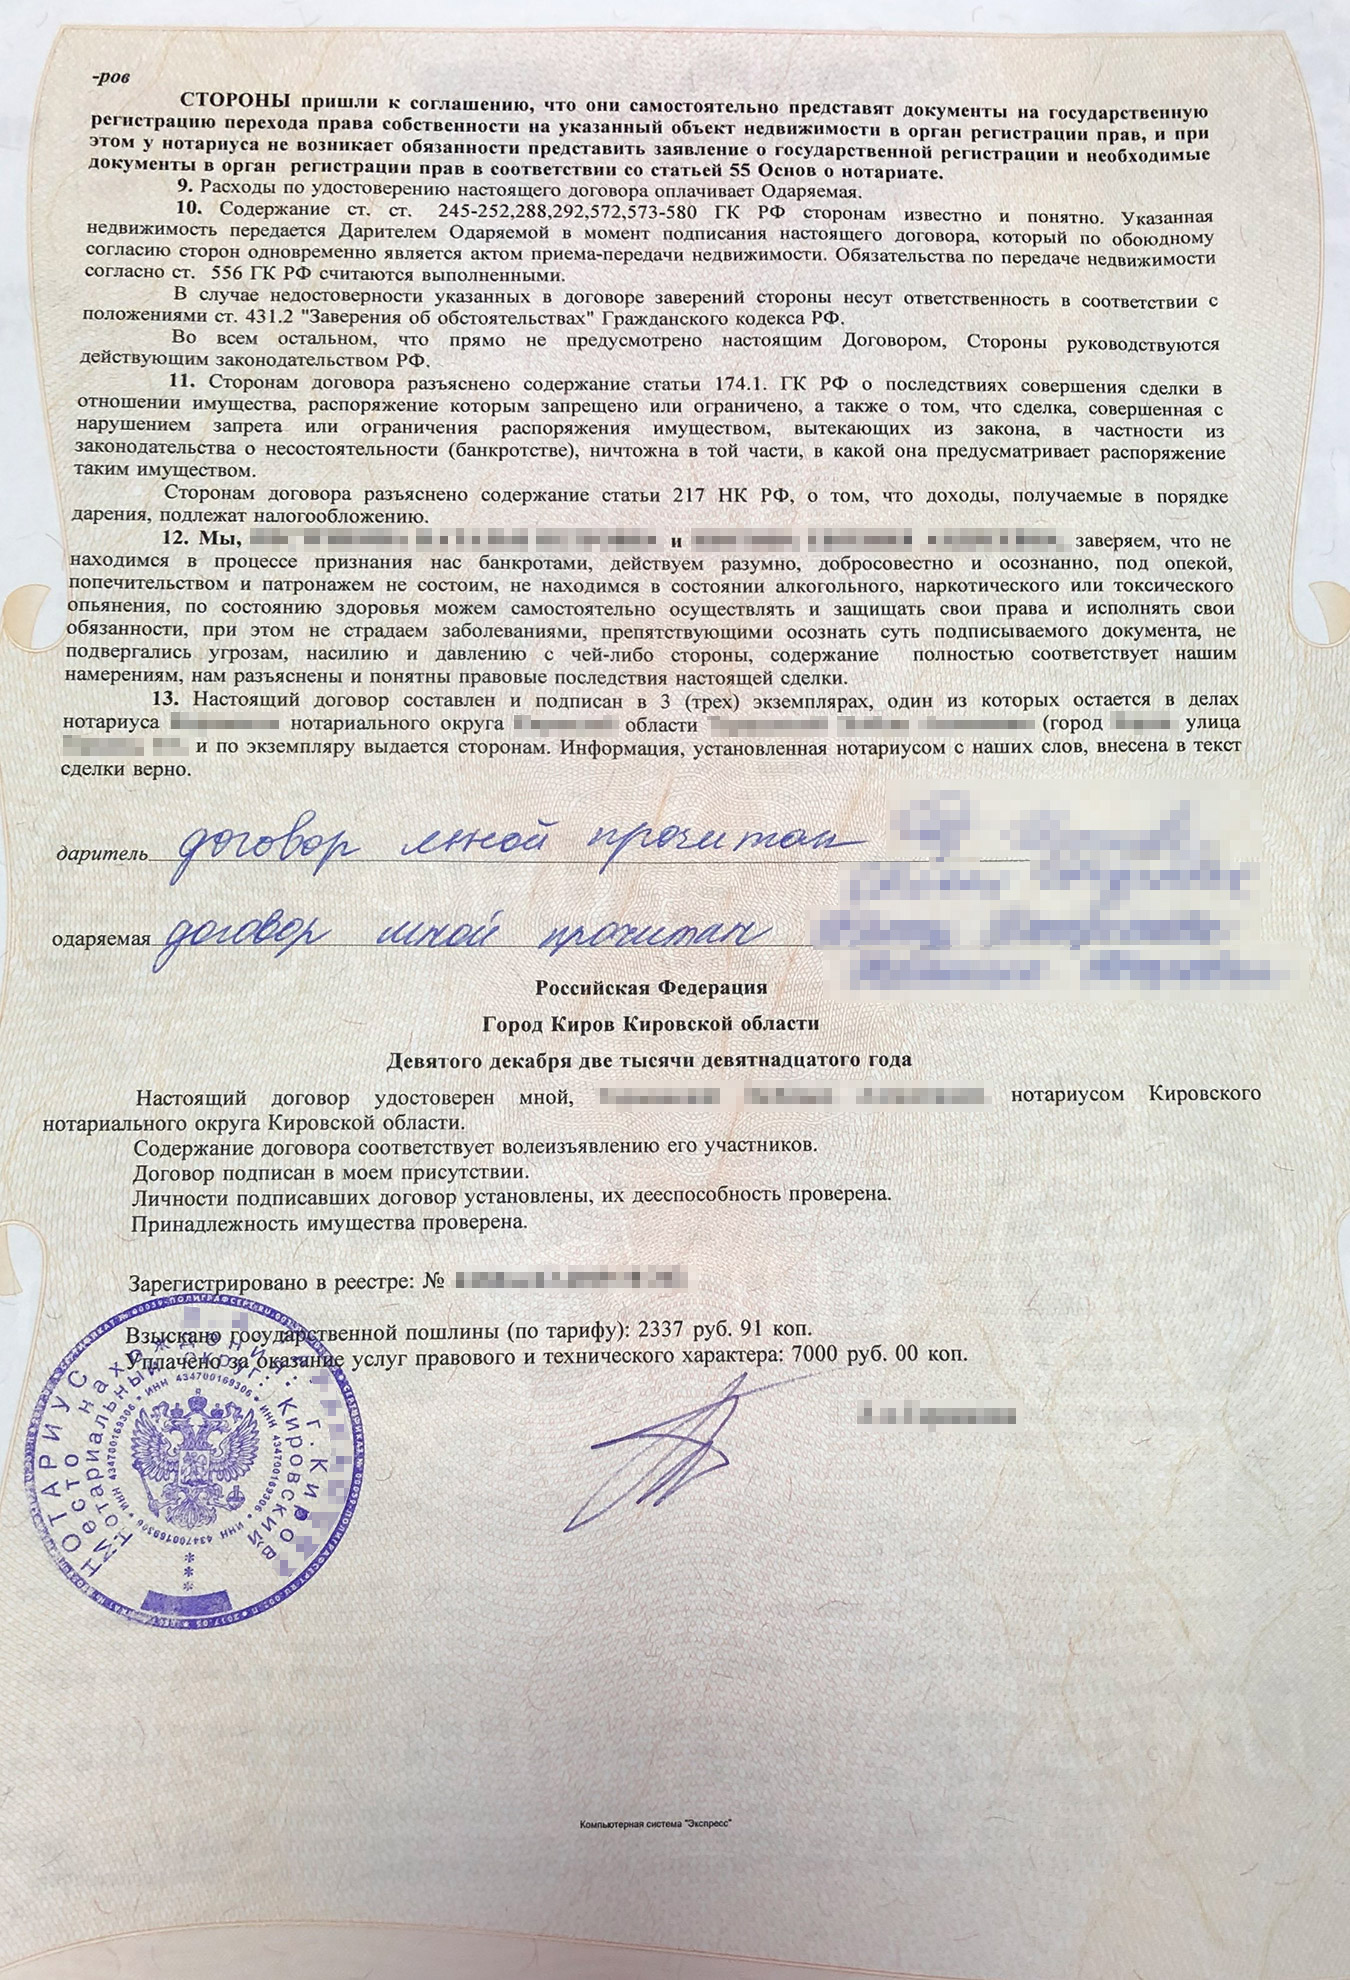 Заверение договора купли-продажи земельного участка у нотариуса